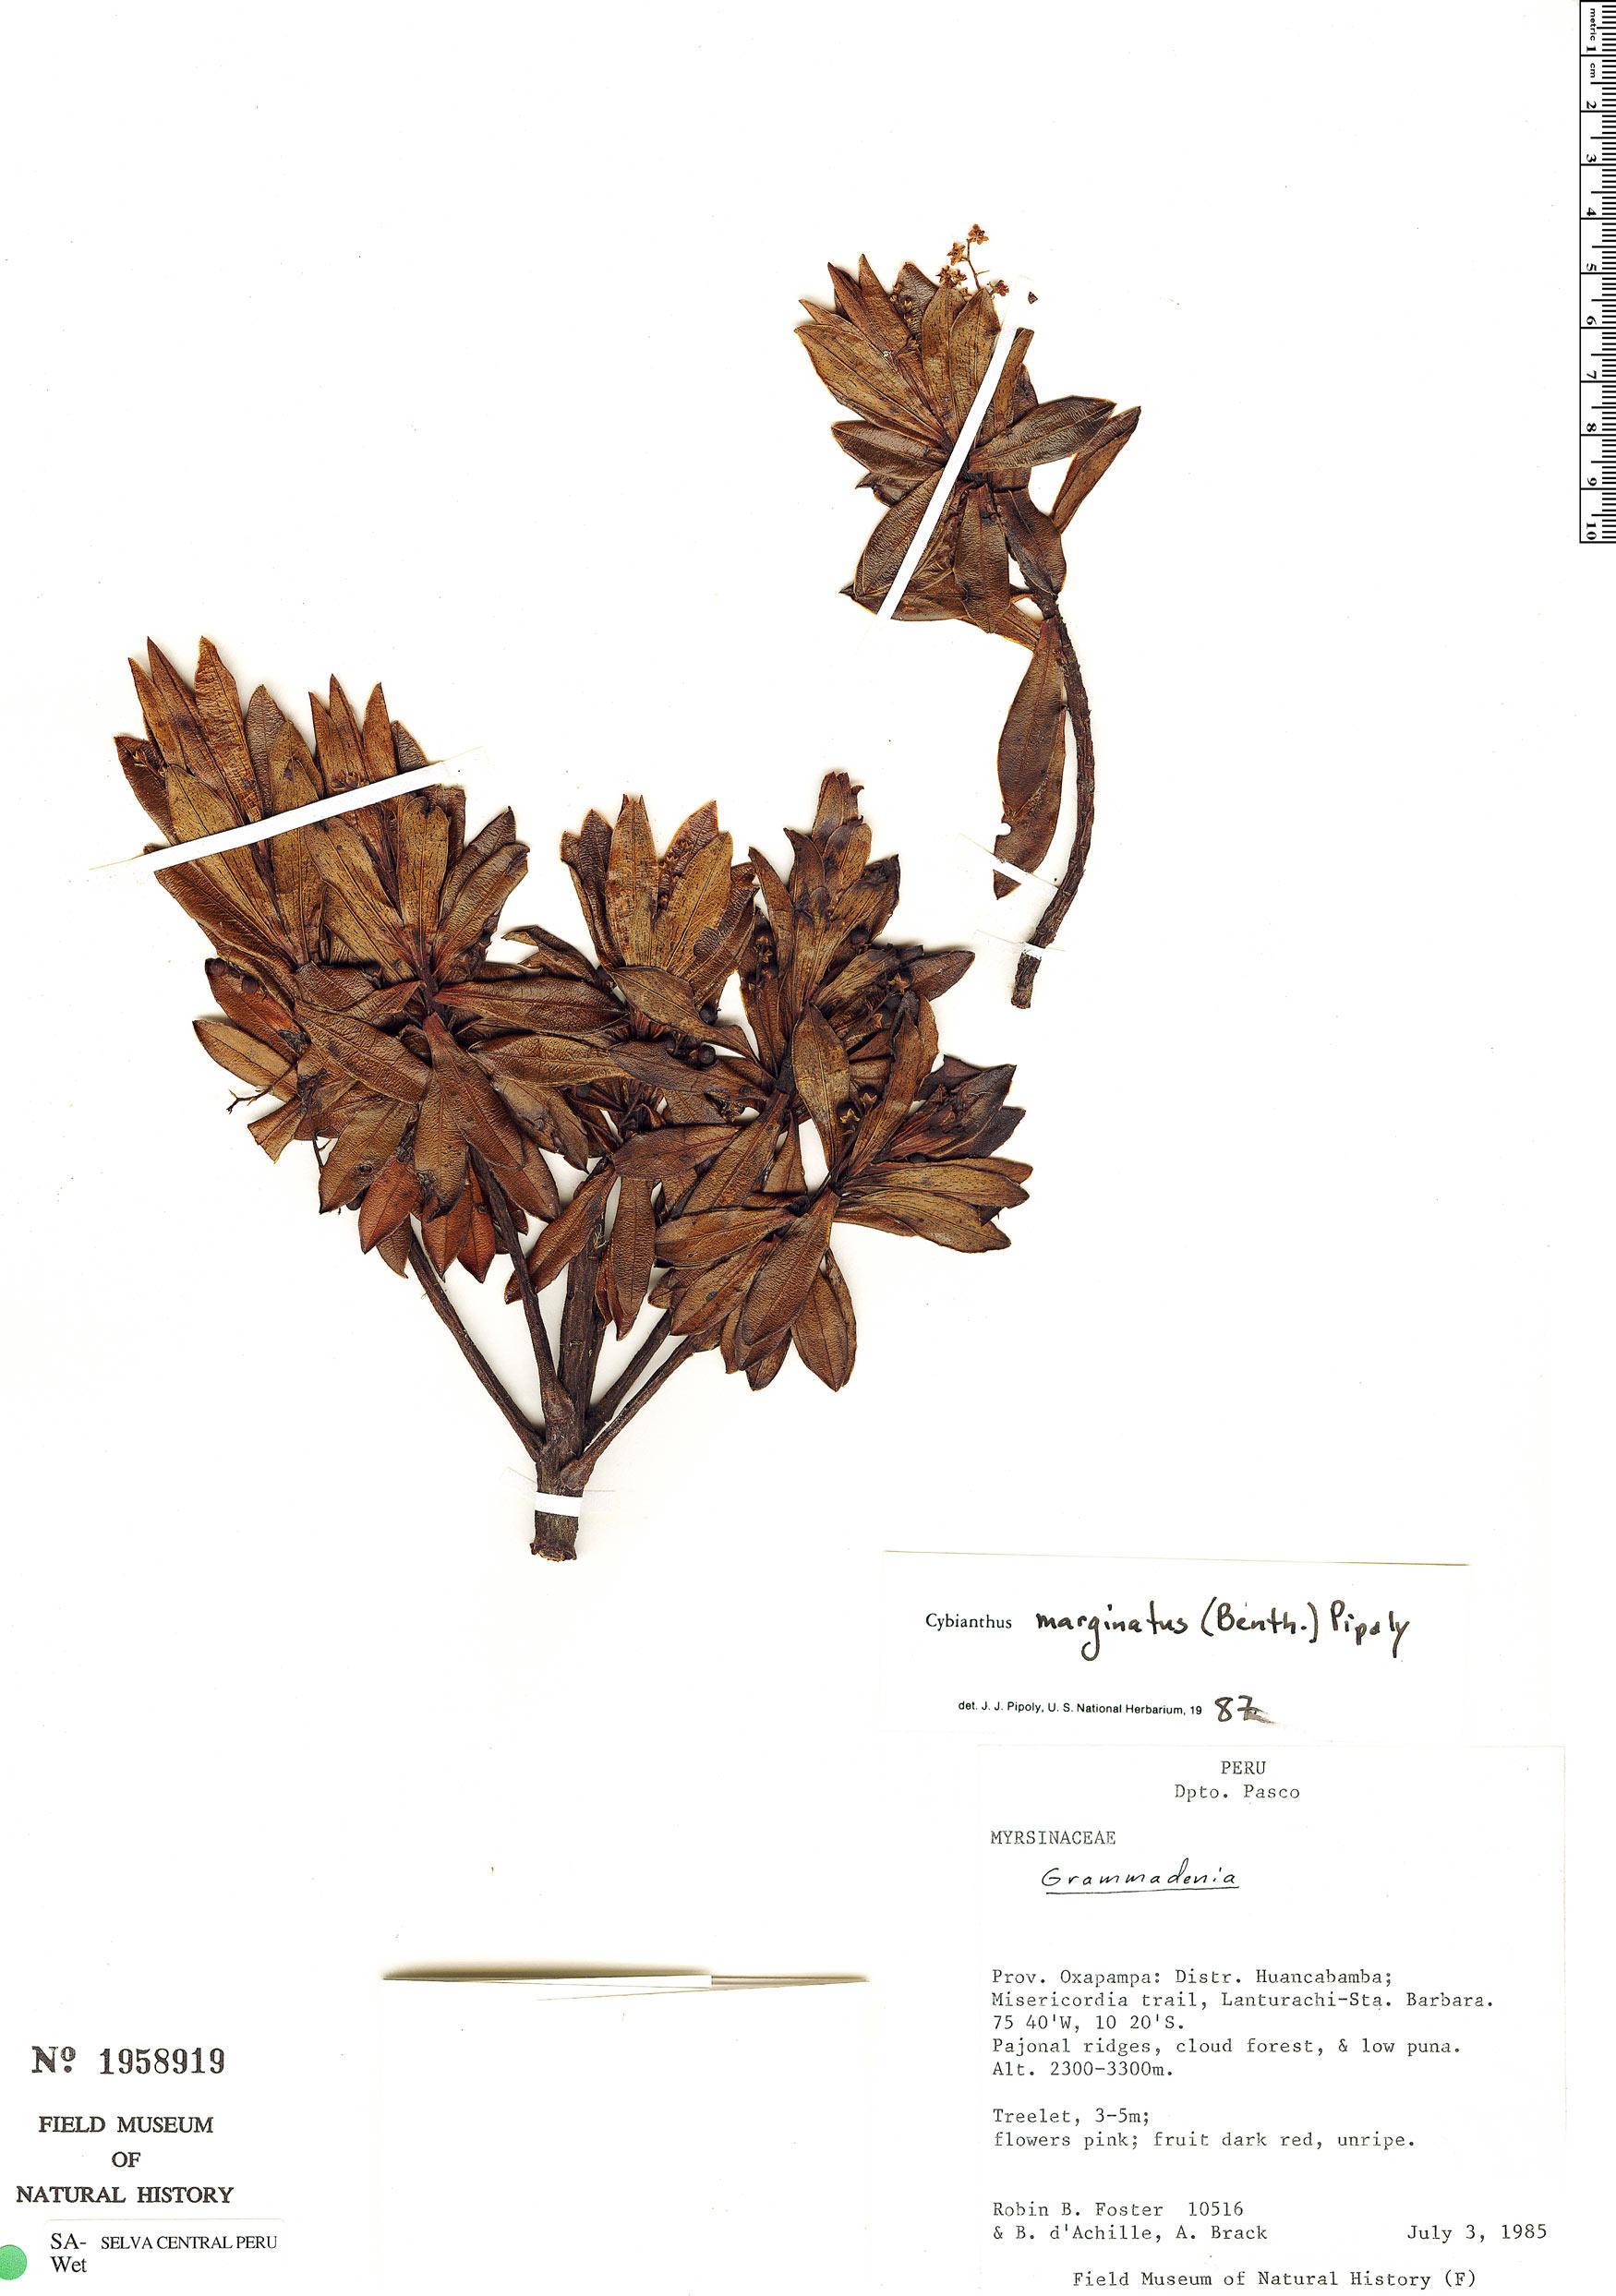 Specimen: Cybianthus marginatus